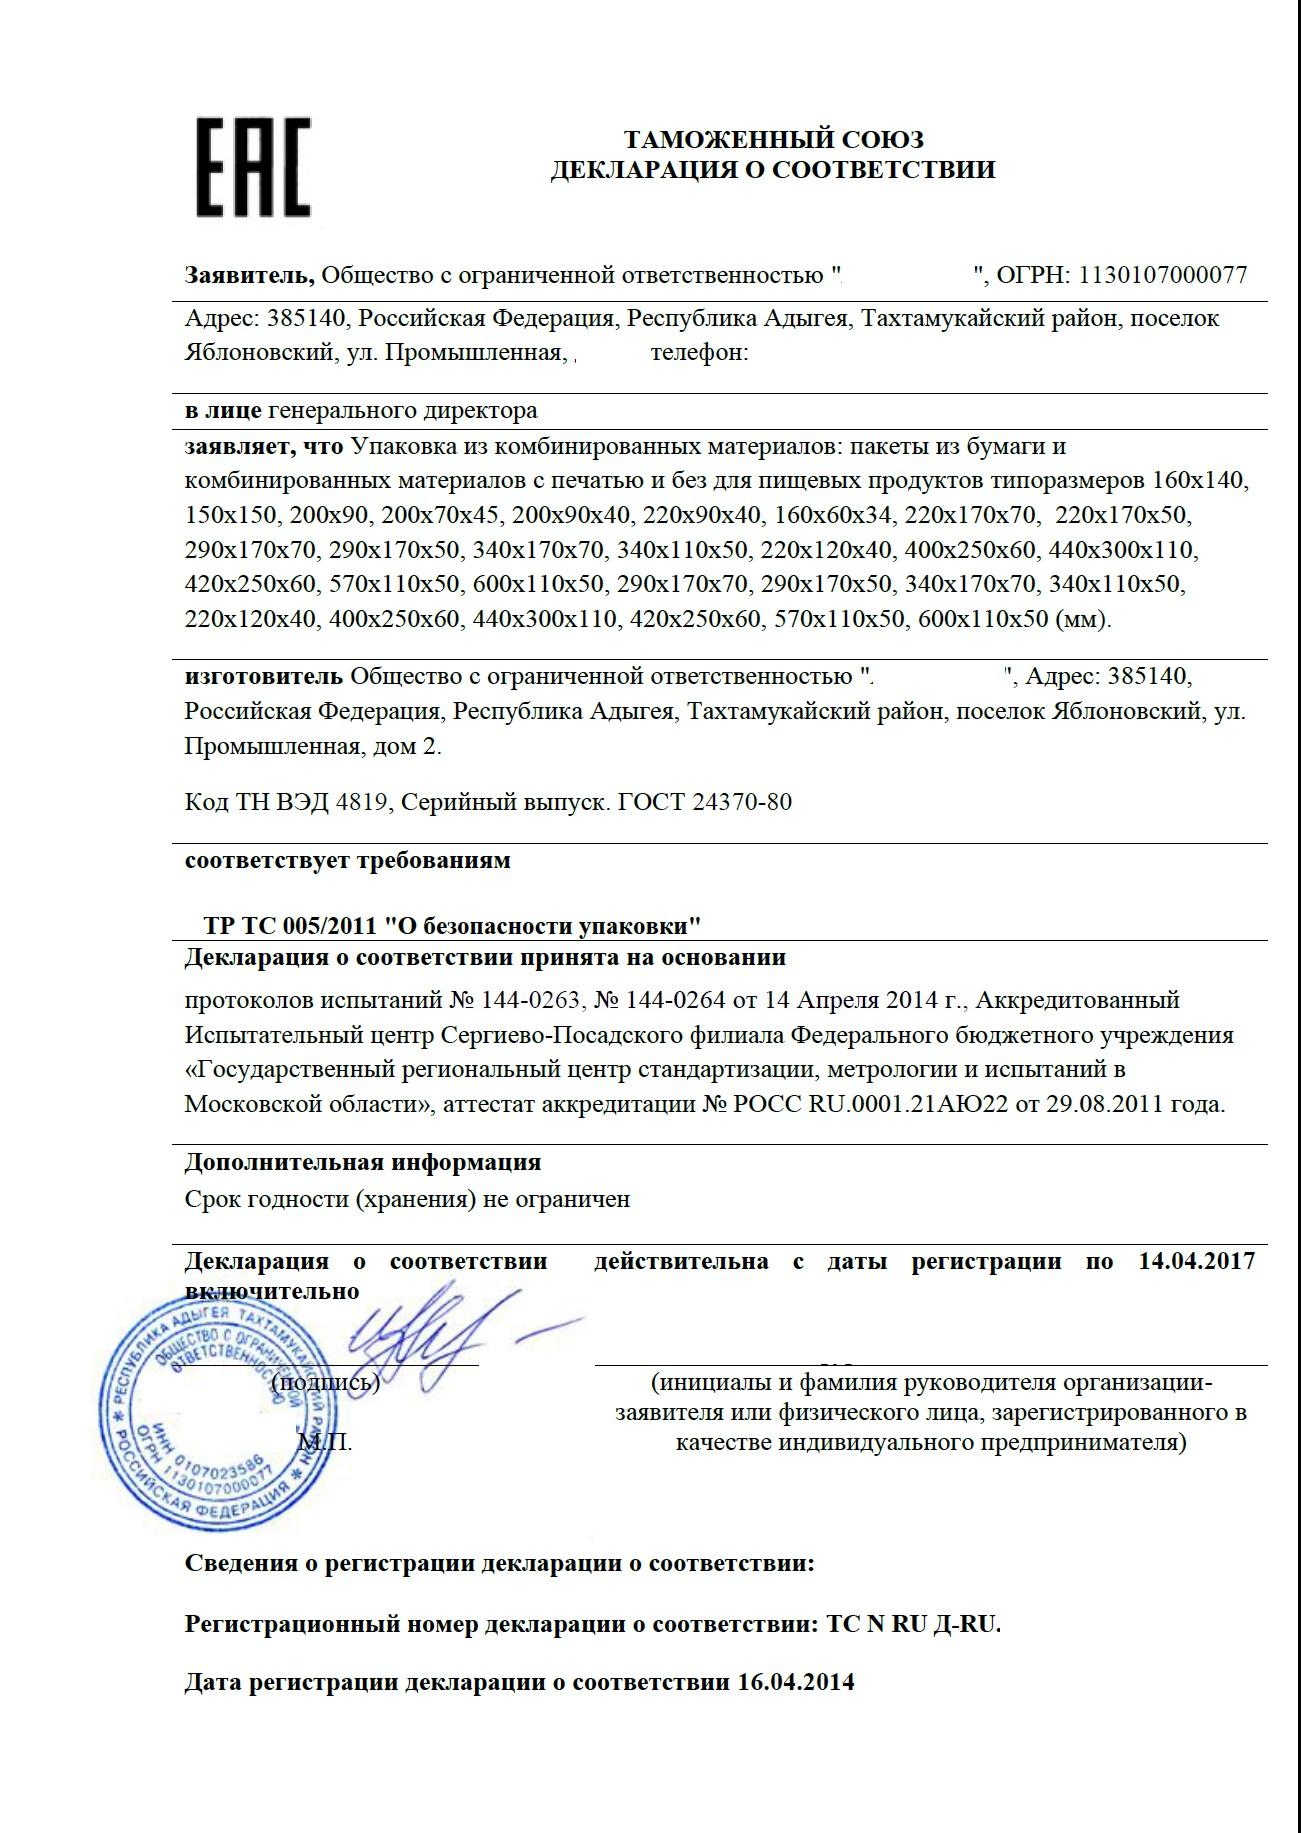 https://spbcsm.ru/sertifikaciya-i-deklarirovanie-produkcii/deklaraciya-tamozhennogo-soyuza/#content